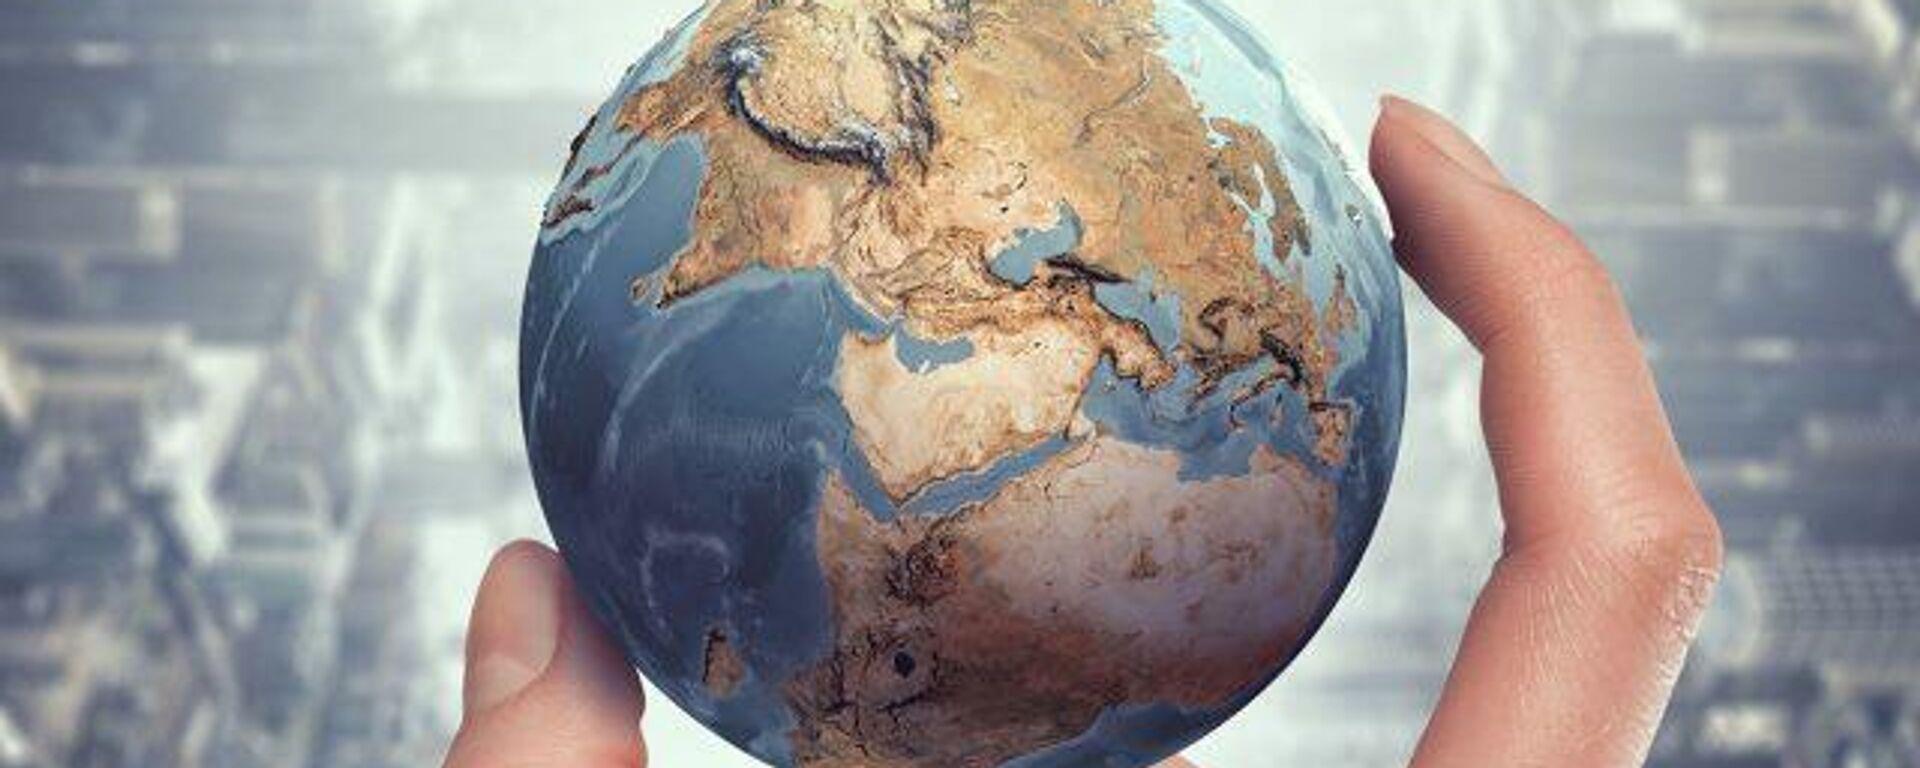 Migración: EEUU, México y Guatemala, alarmados por una crisis humanitaria sin precedentes - Sputnik Mundo, 1920, 23.03.2021